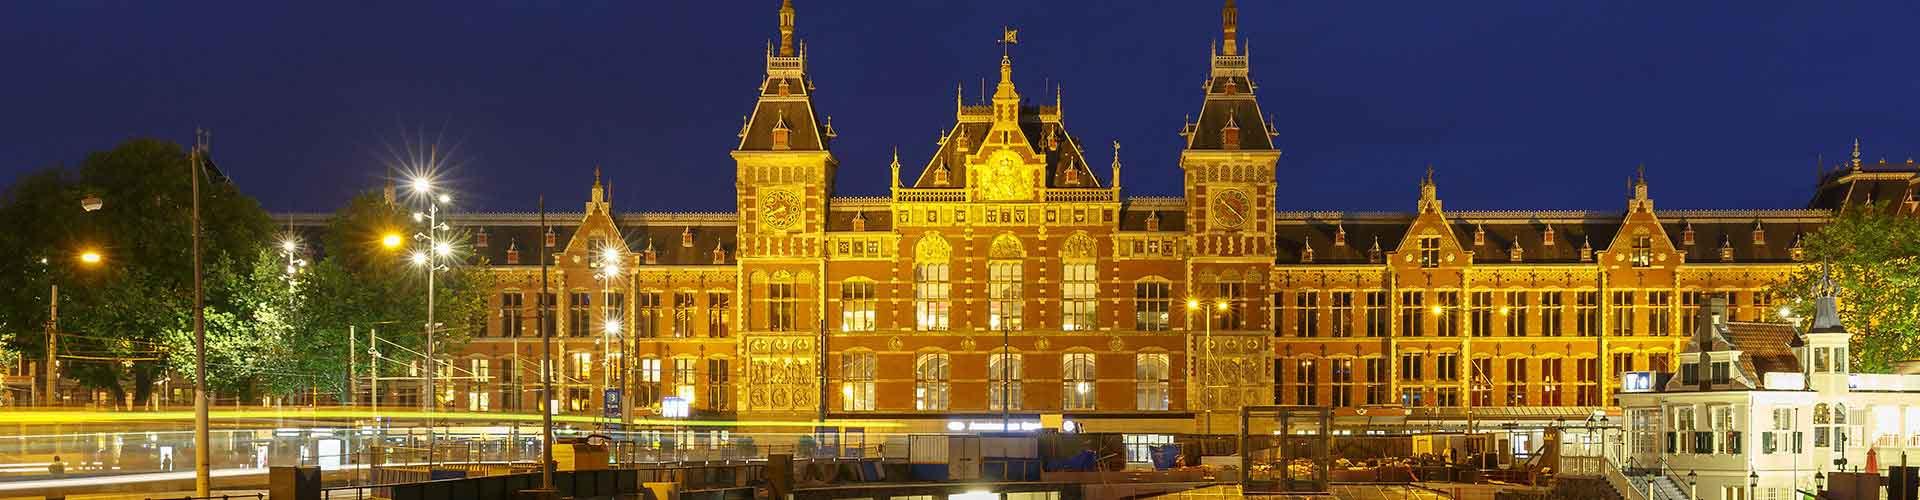 암스테르담 - 암스테르담 센트럴 기차역에 가까운 아파트. 암스테르담의 지도, 암스테르담에 위치한 아파트에 대한 사진 및 리뷰.